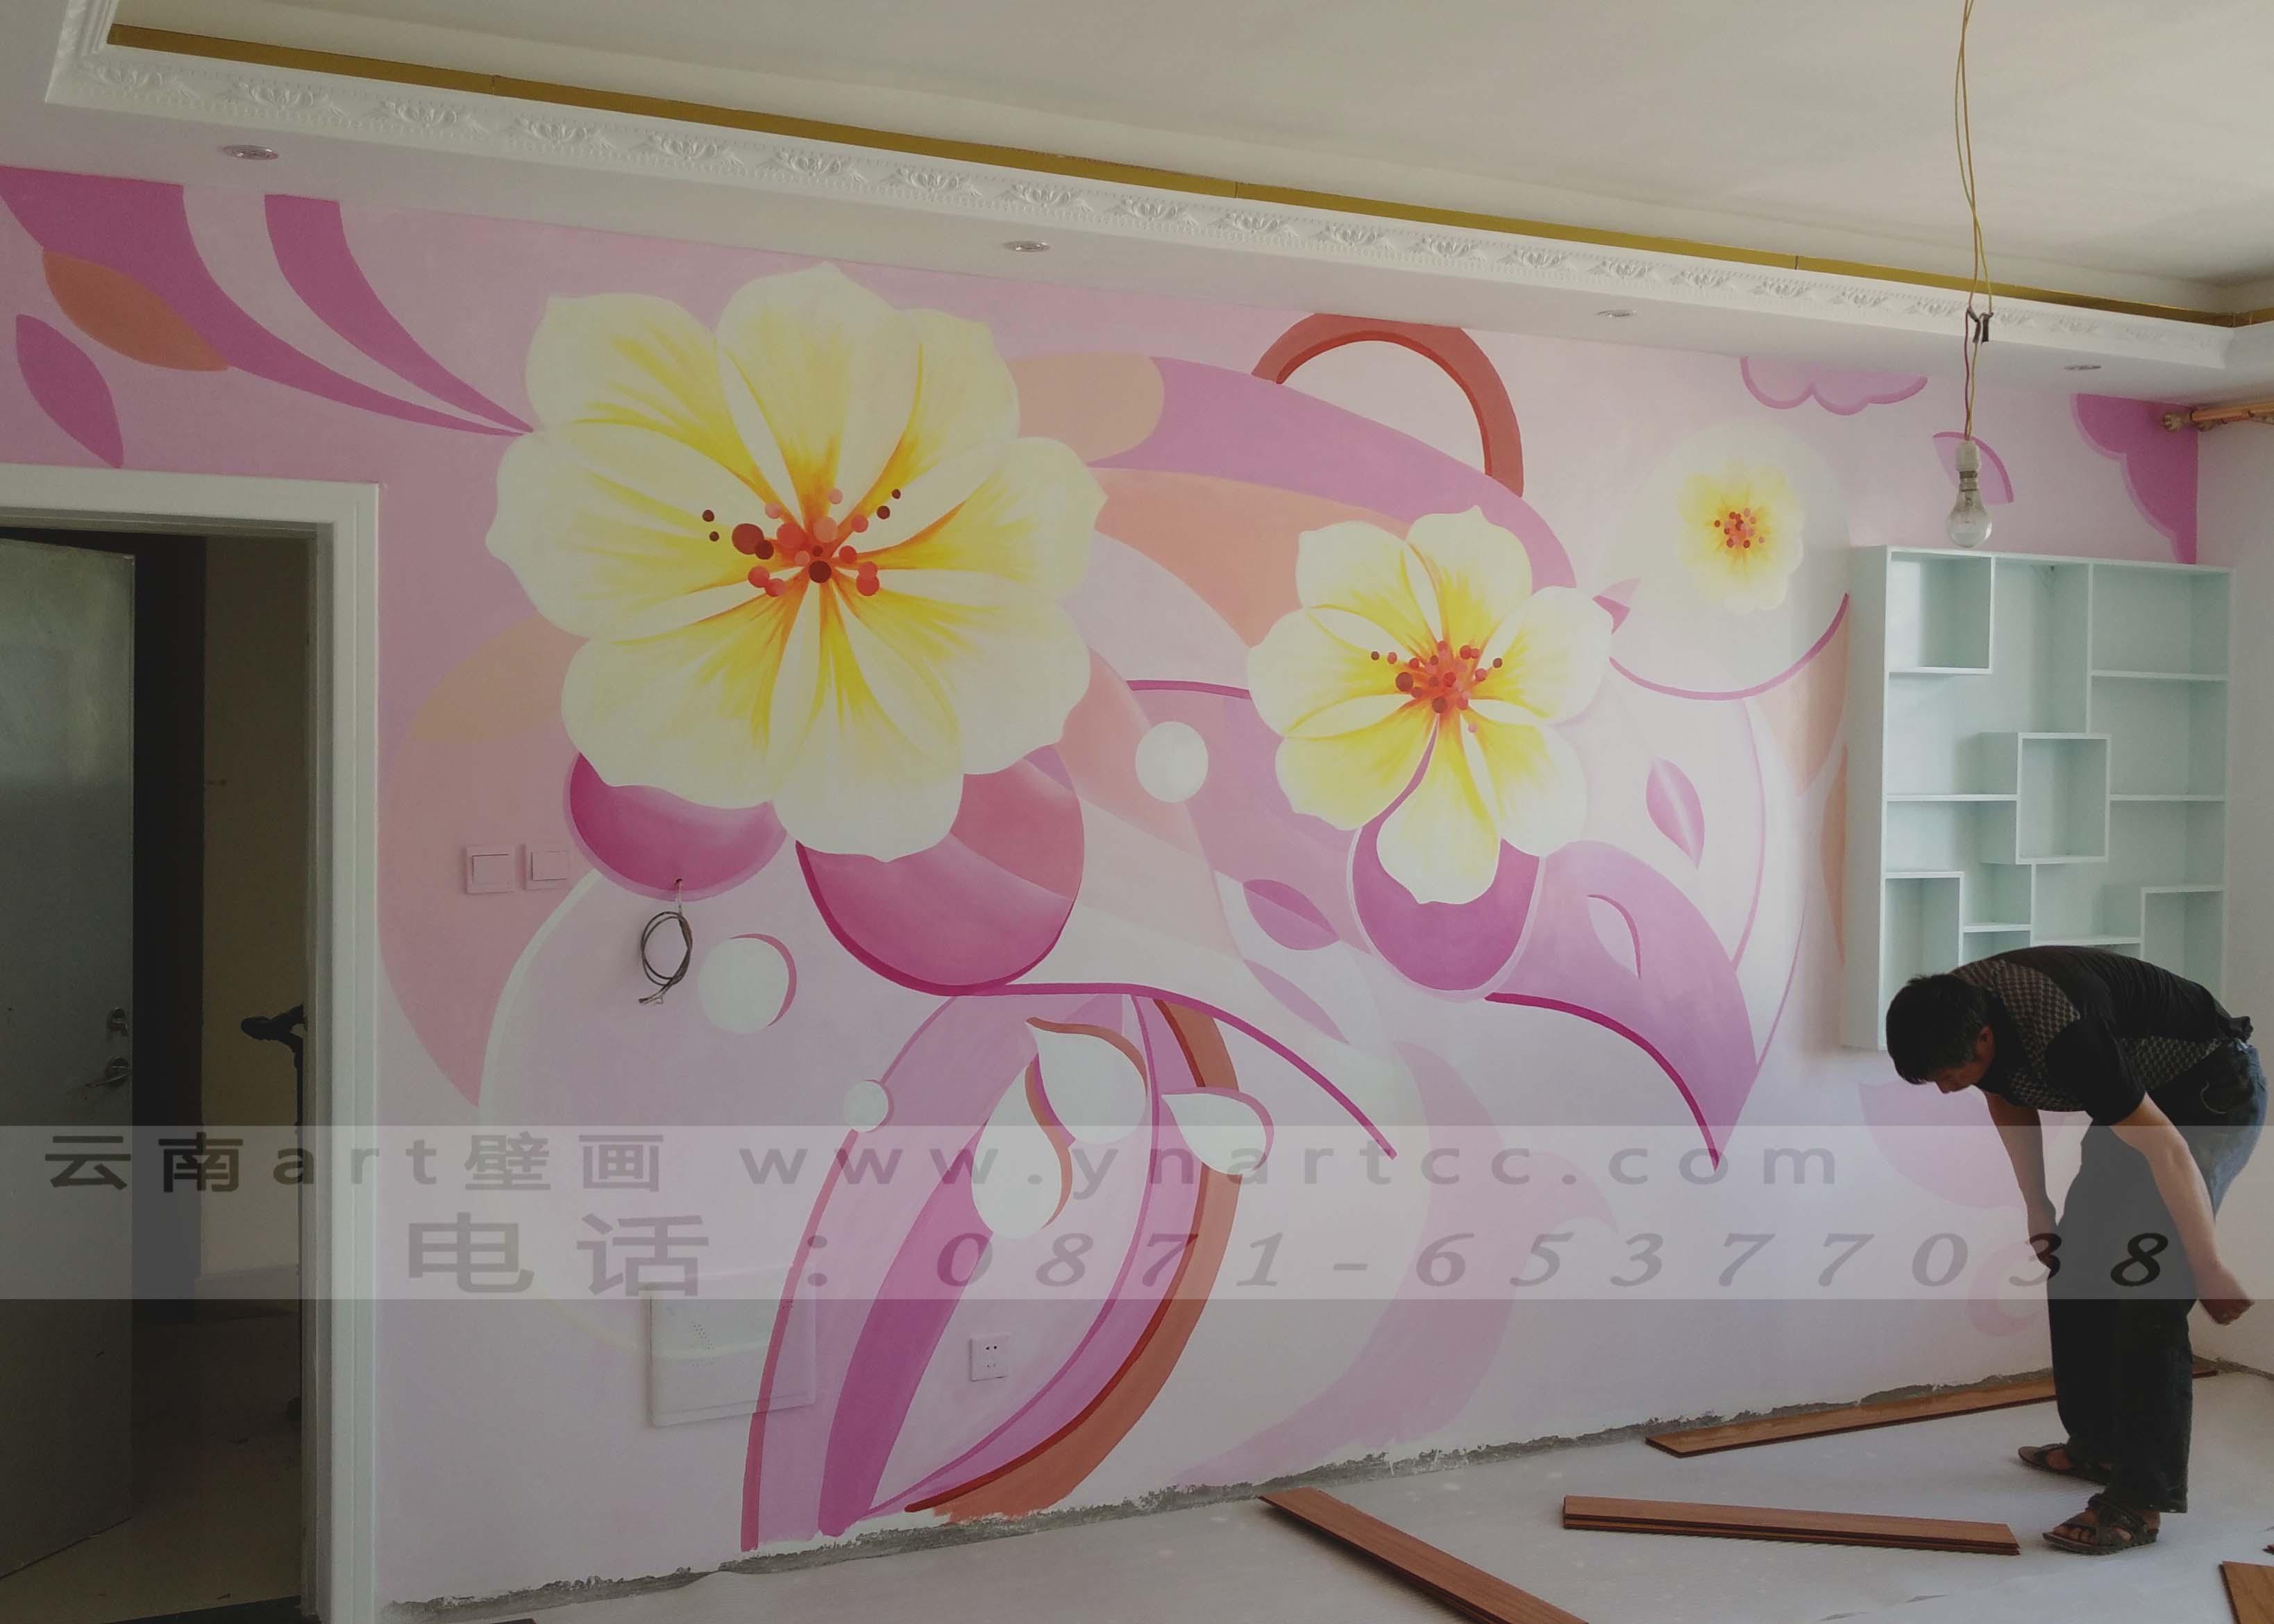 昆明手绘墙画的流程分析